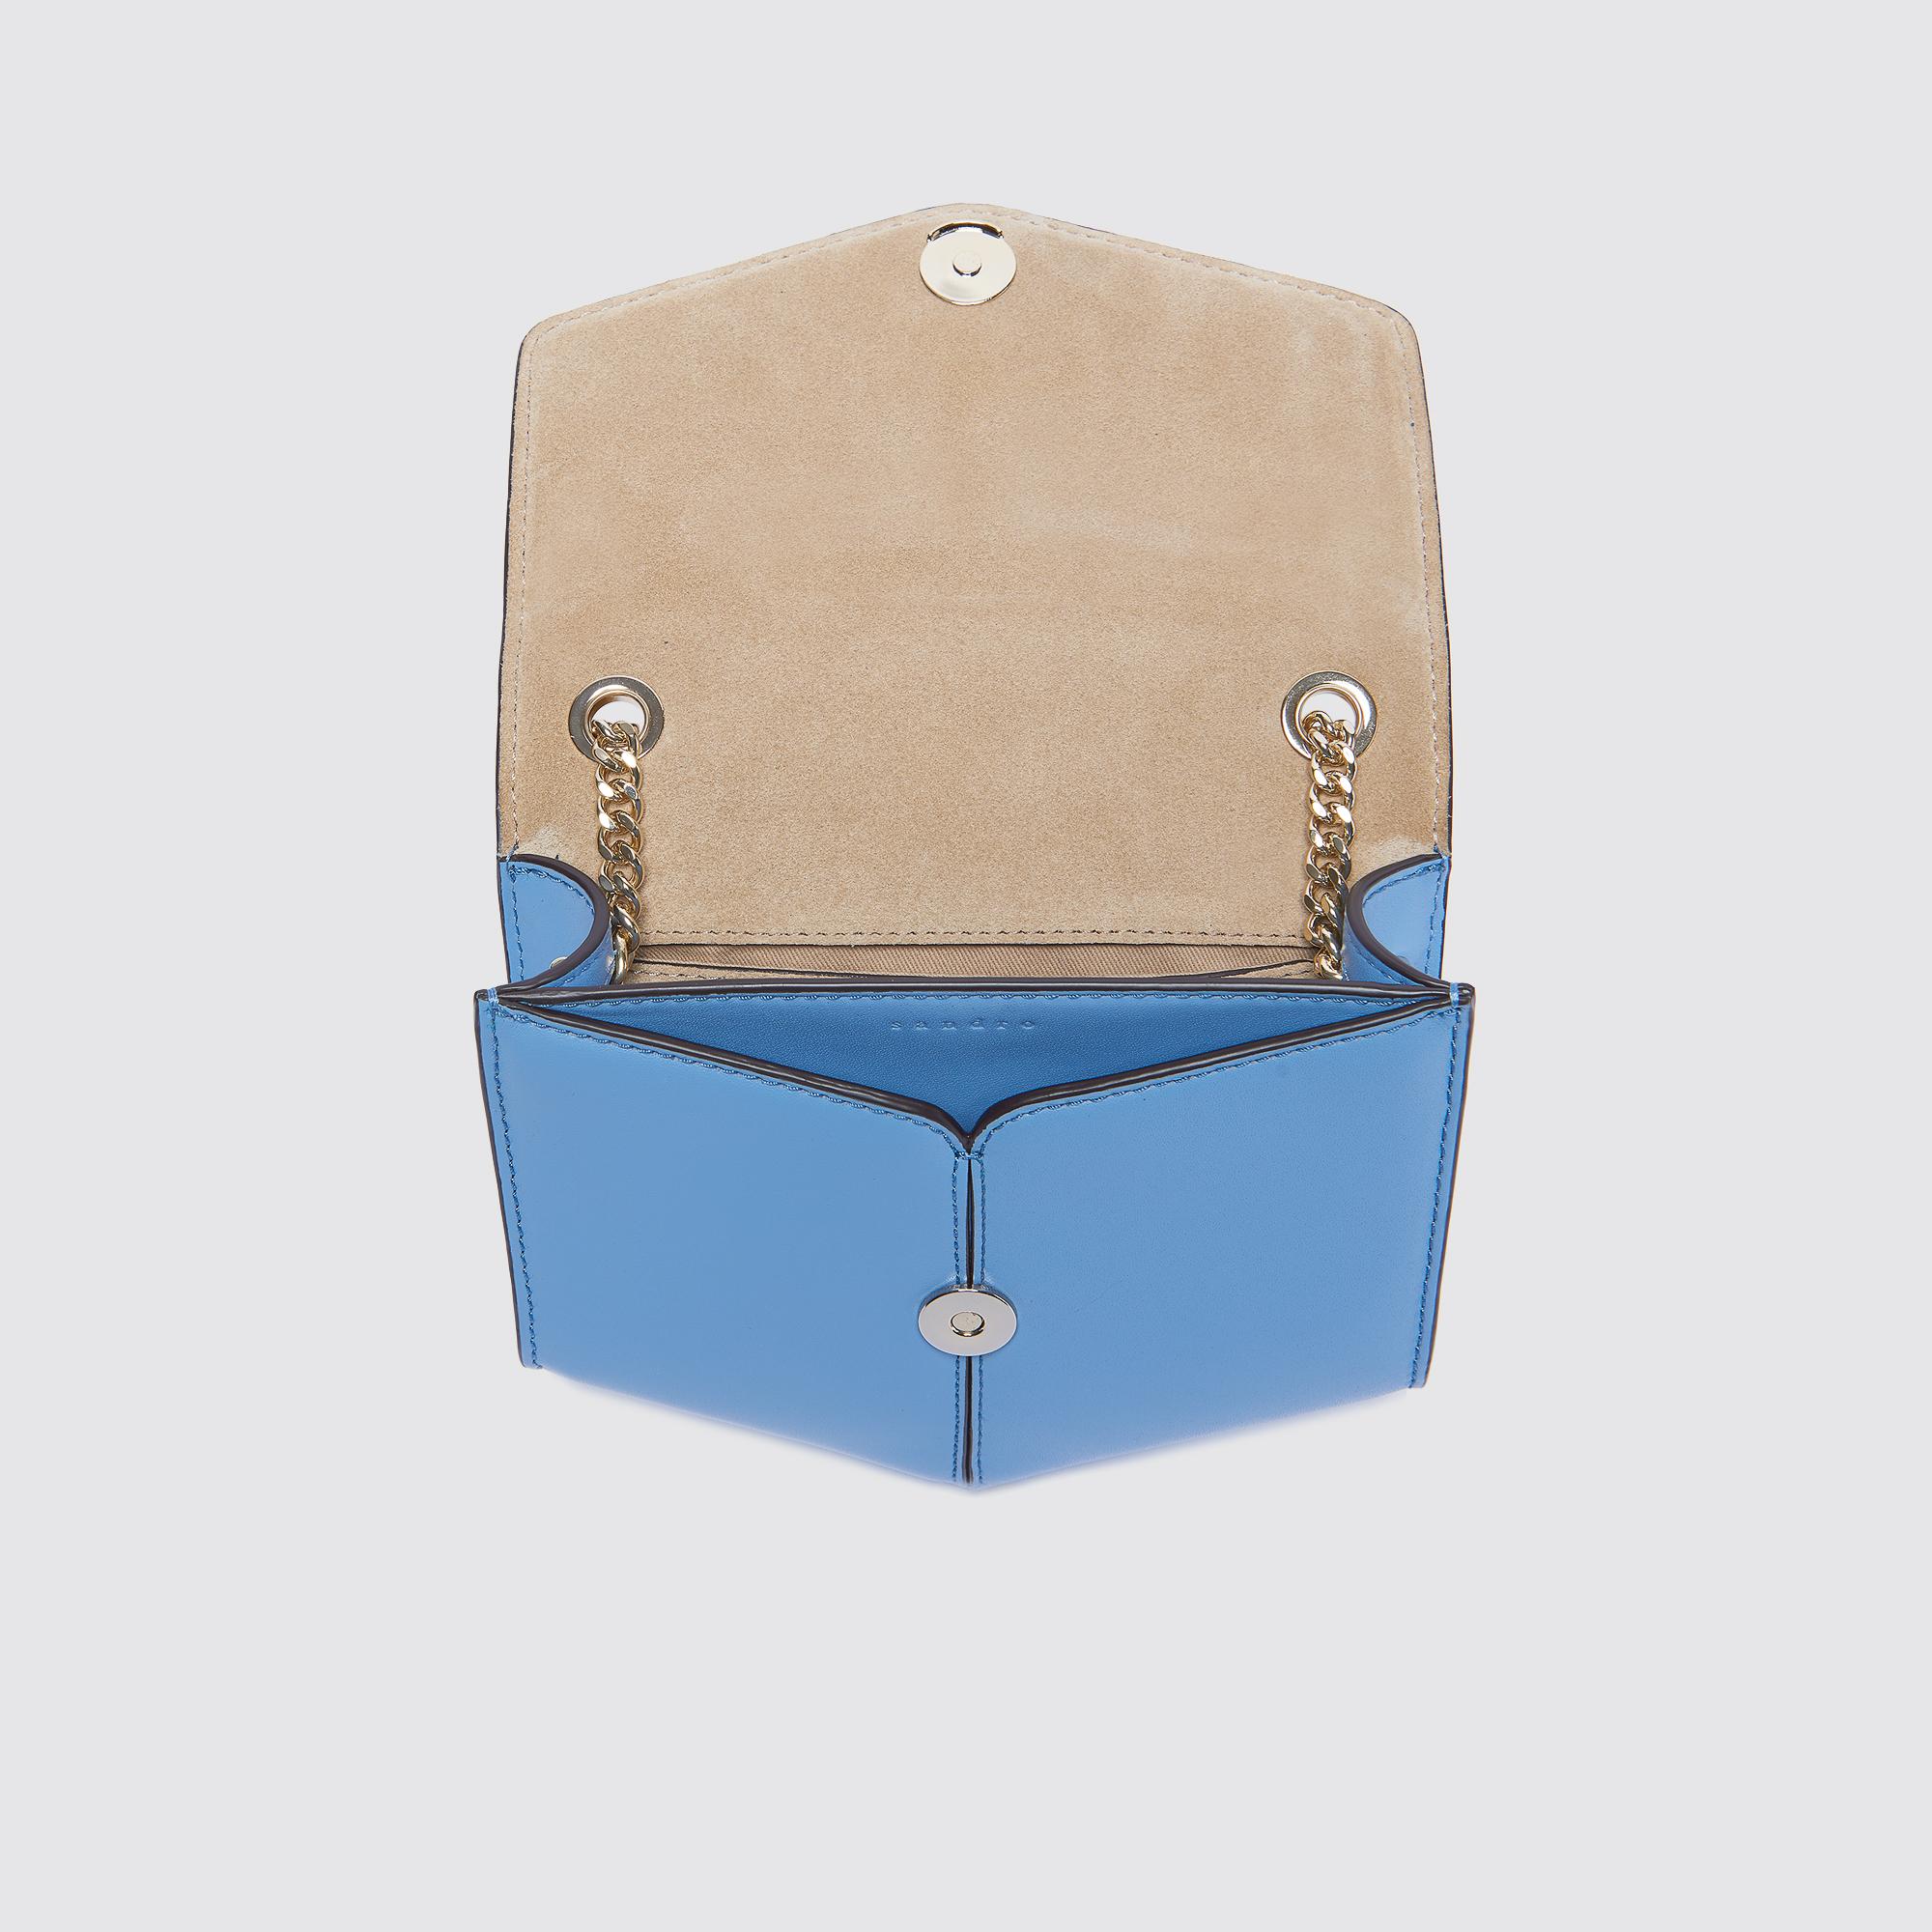 Borsa Lou piccola modello intrecciato : Esclusiva web colore Azzurro